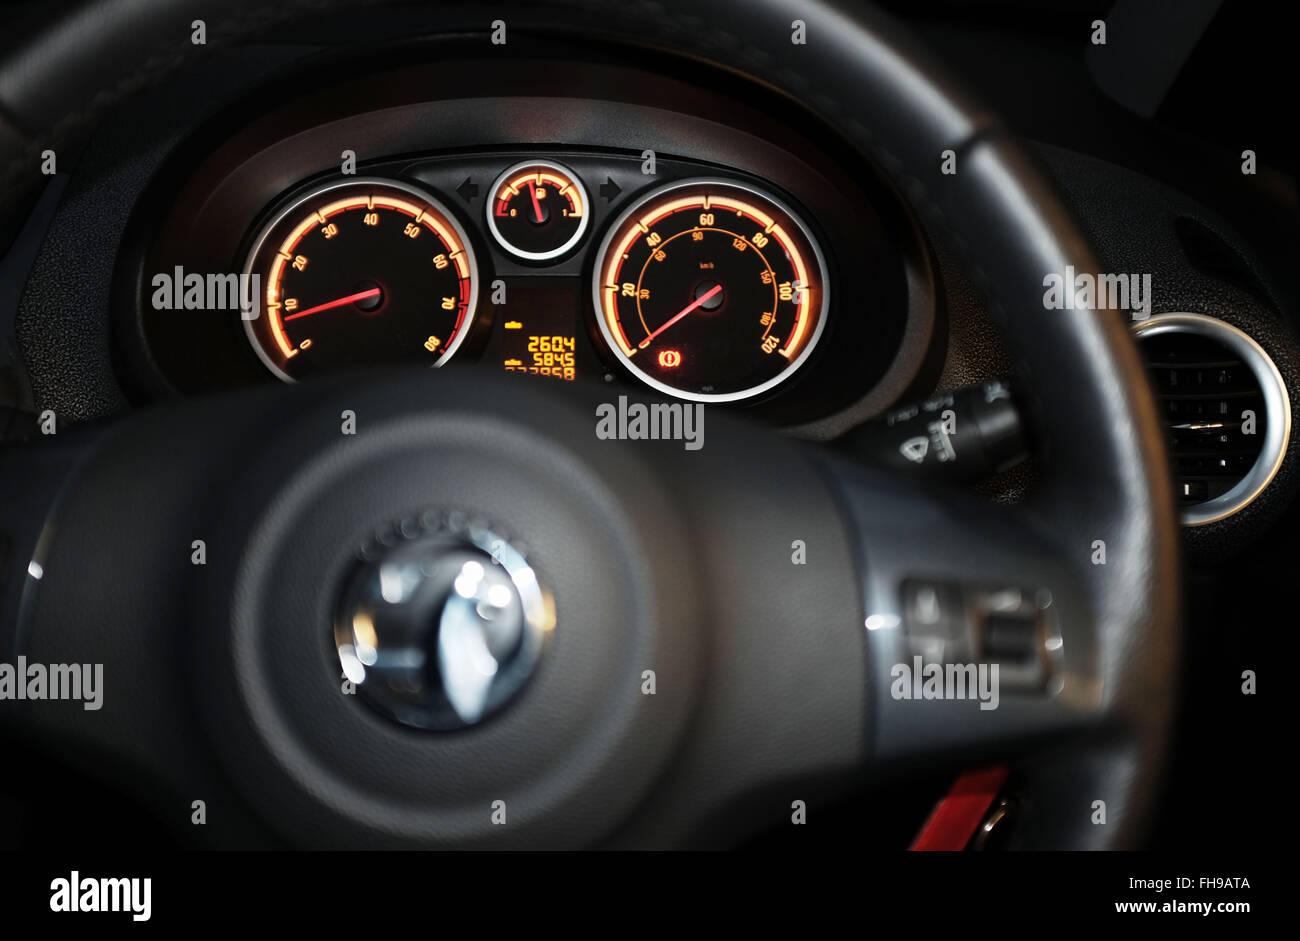 Vauxhall Corsa dashboard tablero de instrumentos y el volante Imagen De Stock